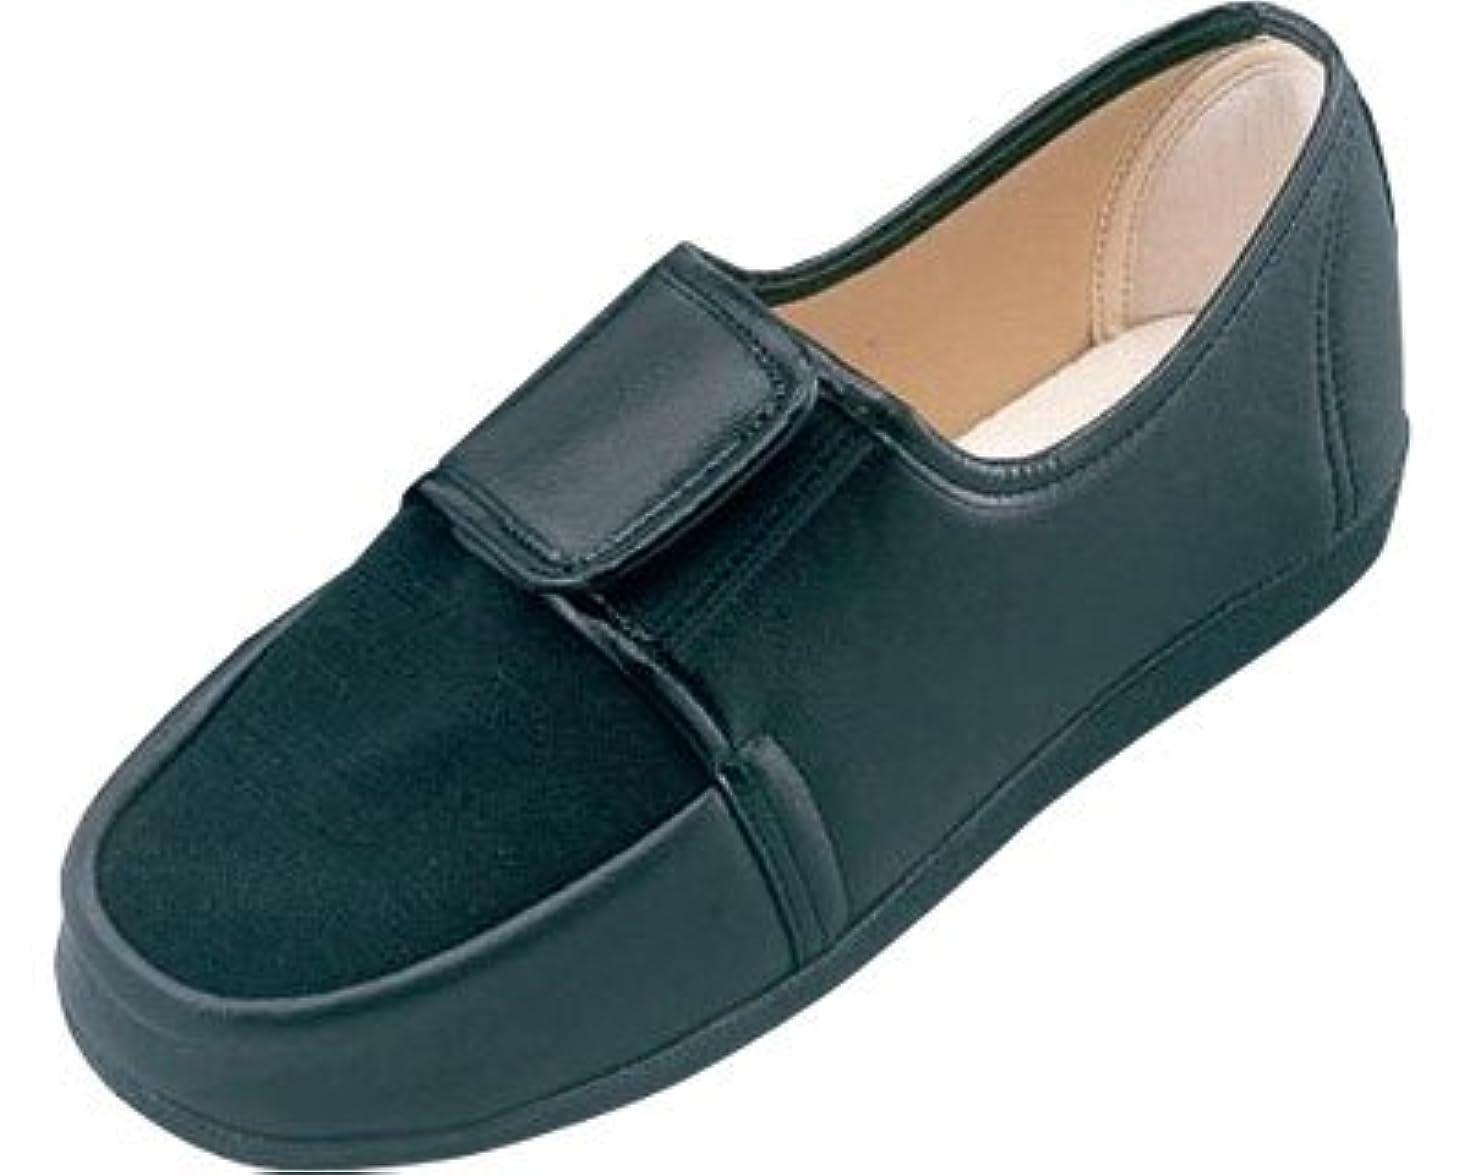 化粧お父さん敬意リハビリシューズ 両足 紳士用 27.0cm 黒 GM603 (マリアンヌ製靴) (シューズ)(返品不可)